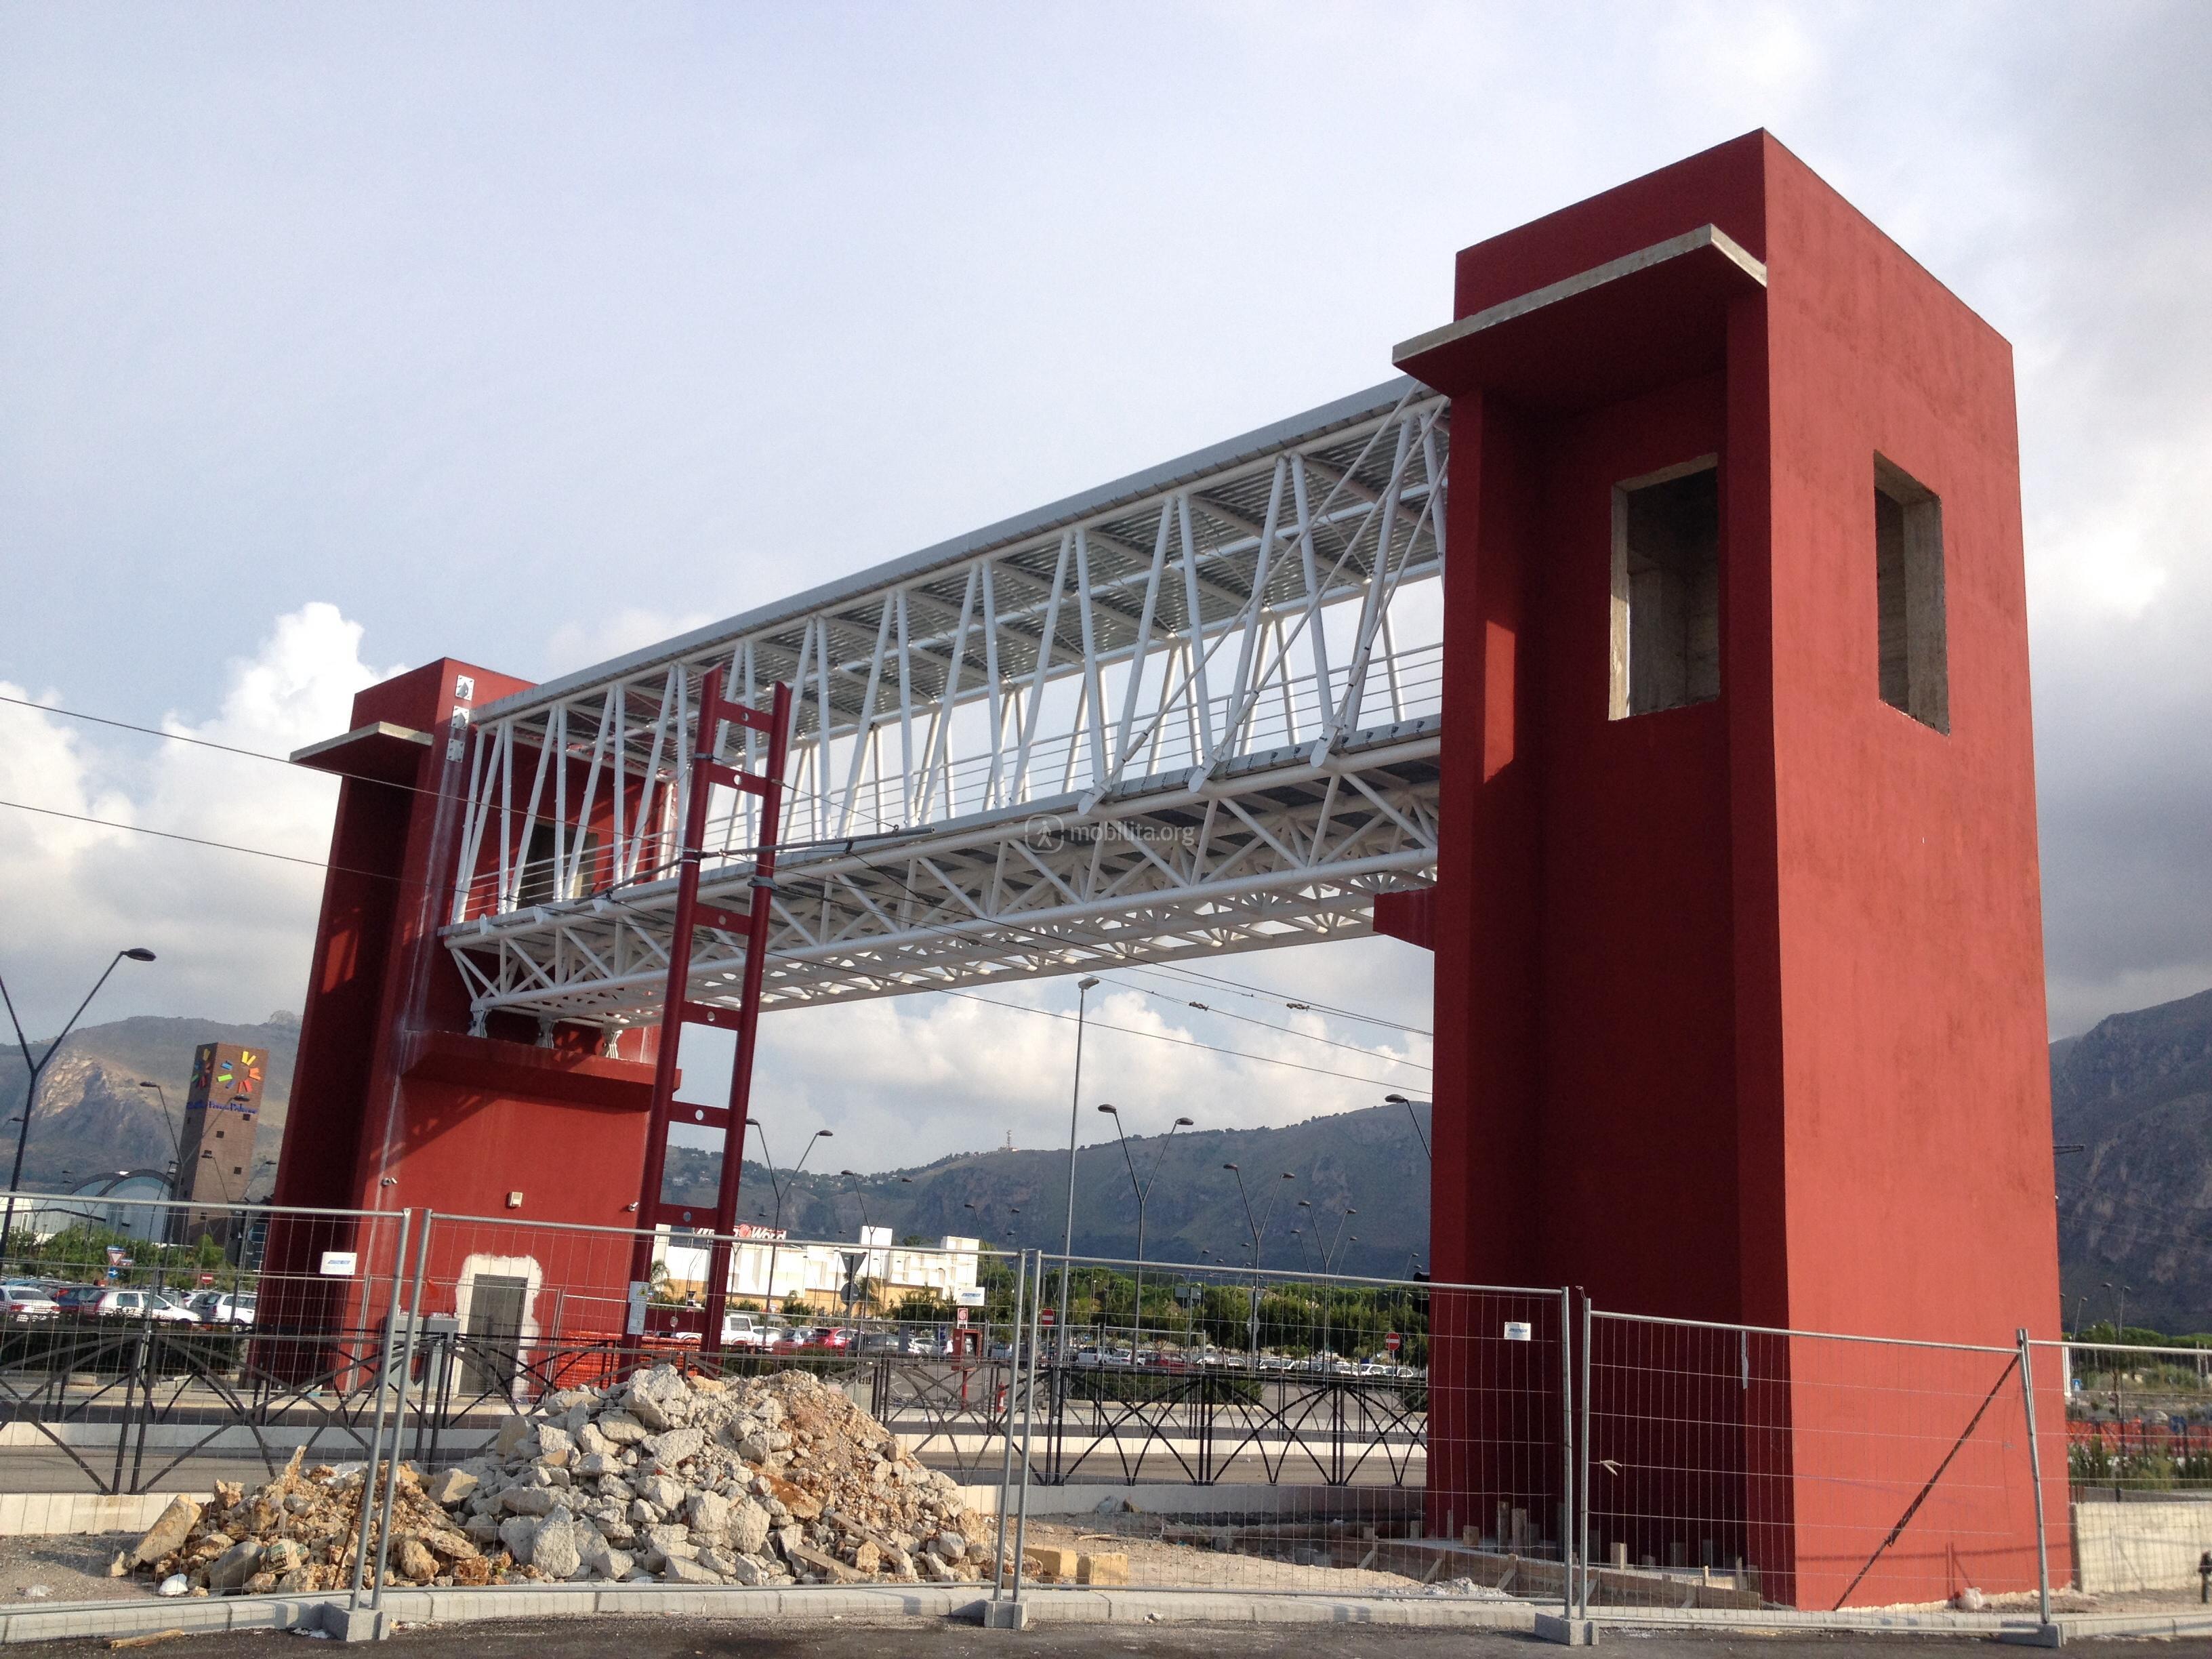 Installato il nuovo sovrappasso pedonale a roccella forum for Leroy merlin palermo forum